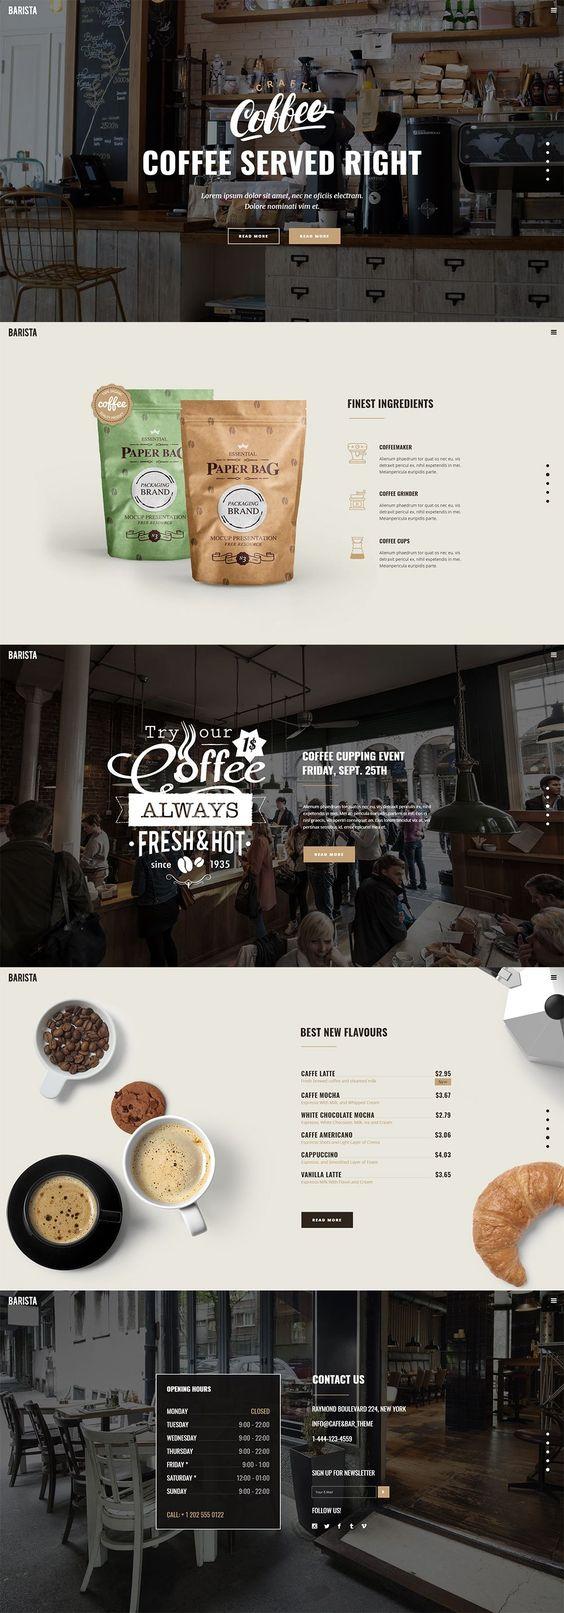 Thiết kế website quán cafe trà sữa đảm bảo chuẩn SEO, đẹp mắt